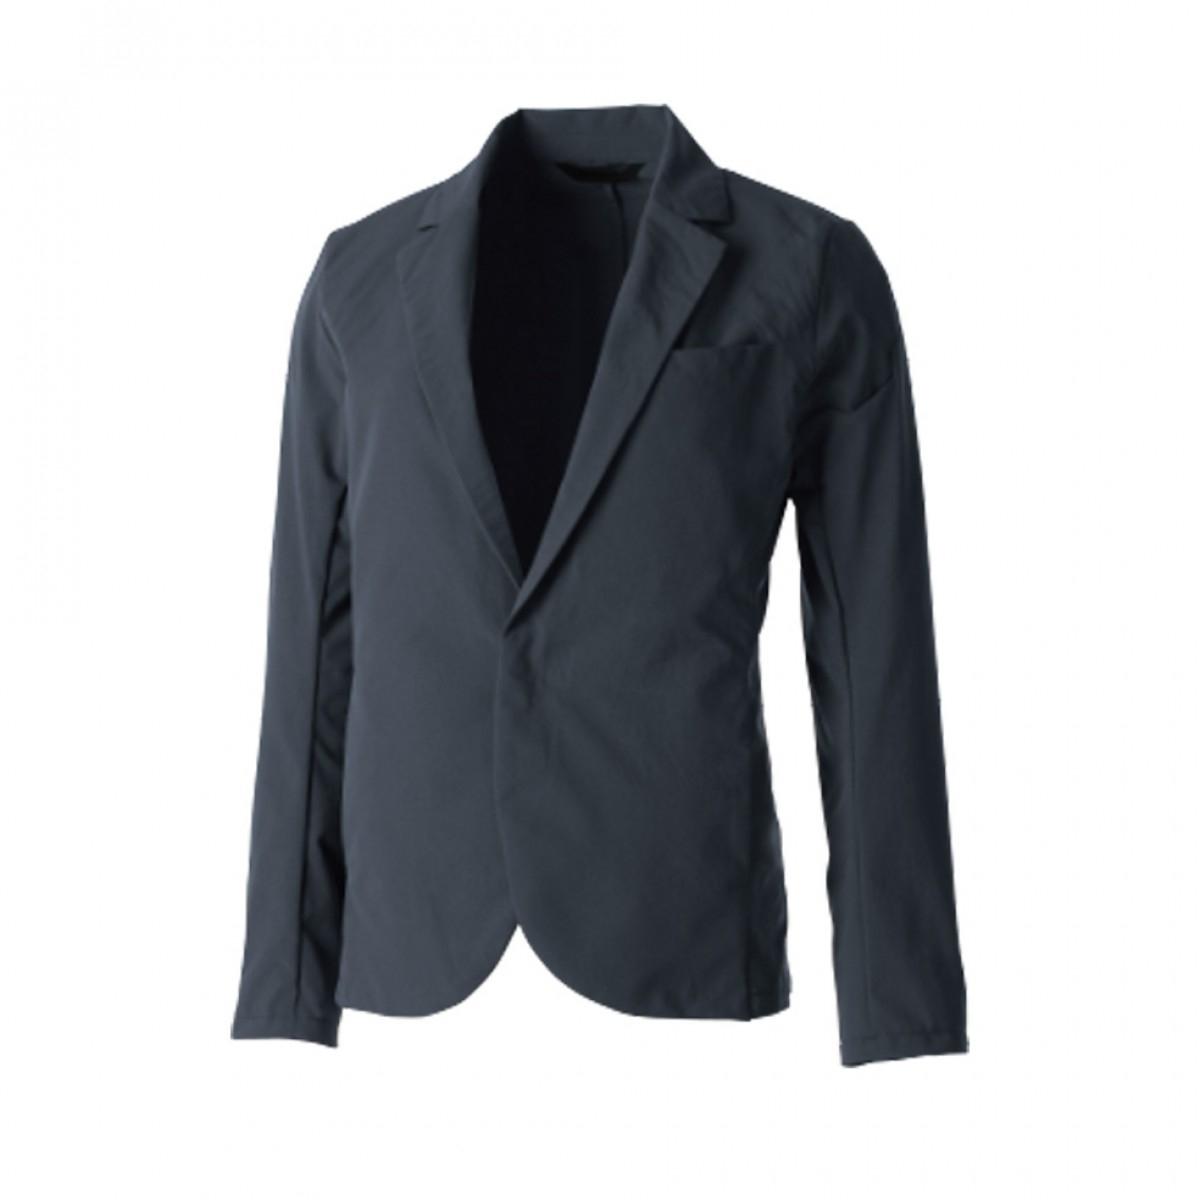 タテ ヨコ全方位に伸びる TS Design91361TS4Dステルスレディースジャケット を使用 本日限定 4Dストレッチ セール 登場から人気沸騰